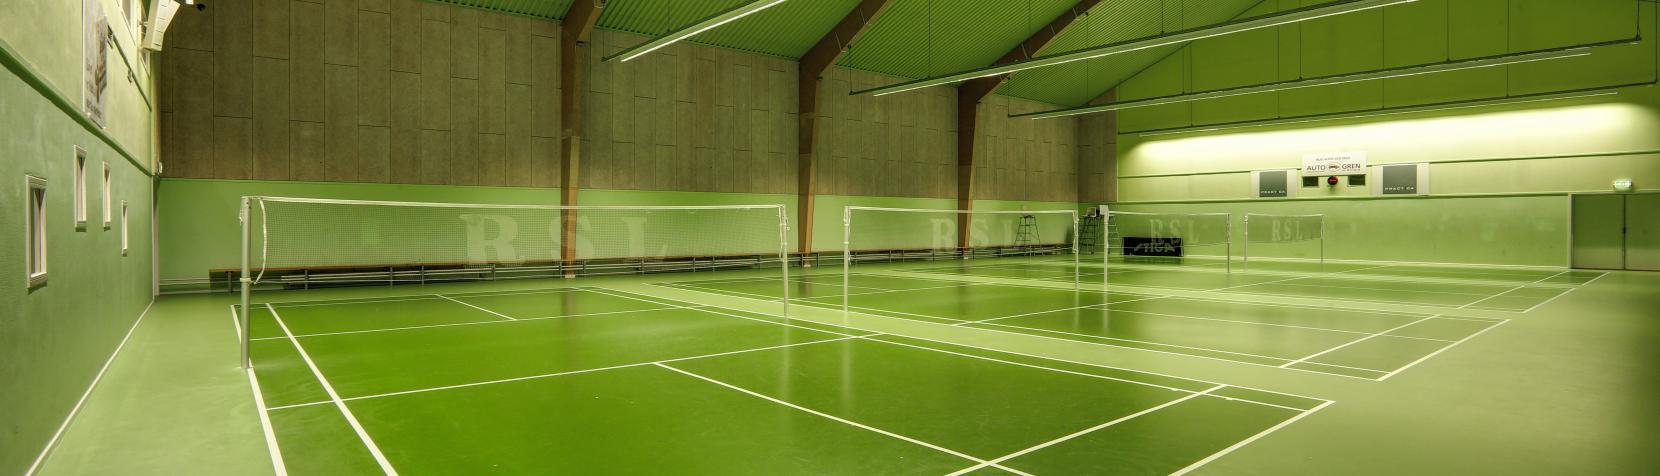 Foto: Birkerød Badmintonhal - indendørs